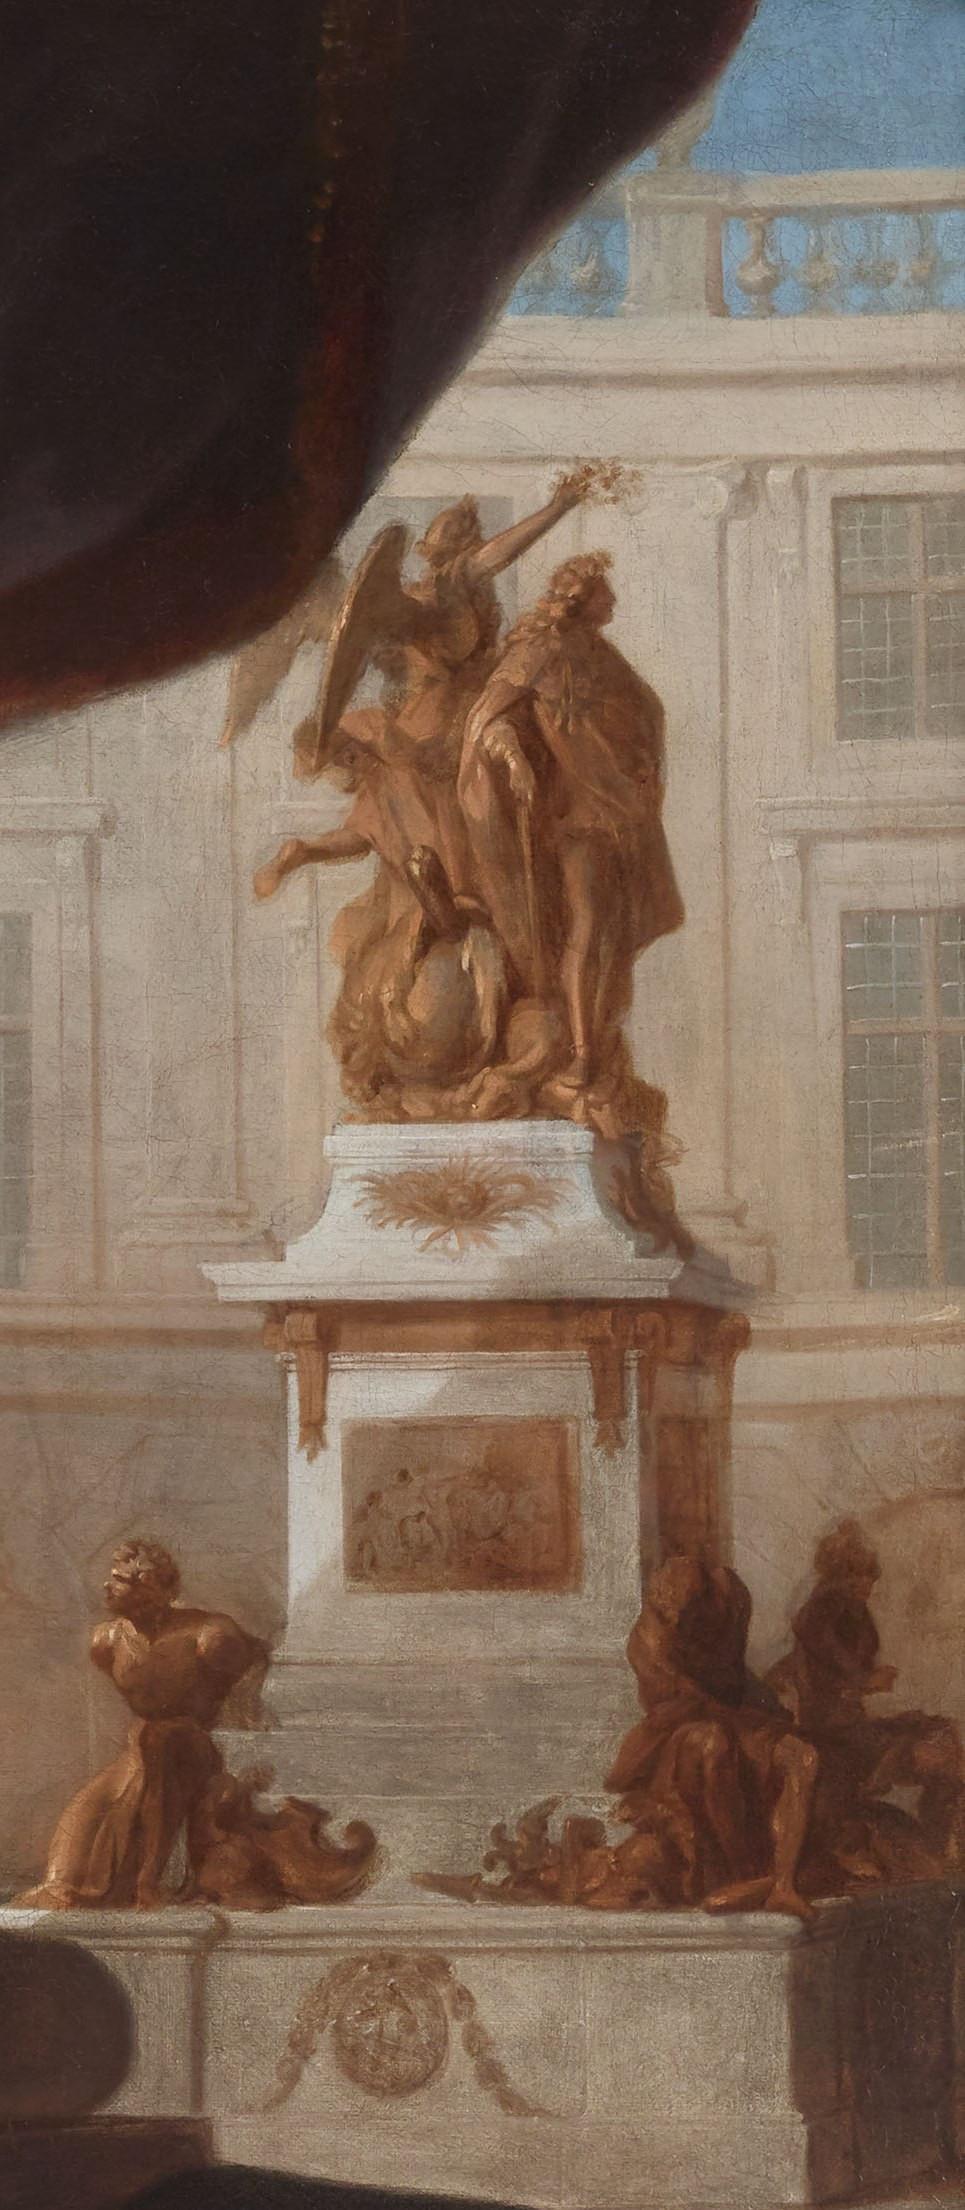 Hyacinthe Rigaud, Portrait du sculpteur Martin van den Bogaert dit Desjardins, vers 1686, détail, Paris, Galerie Didier Aaron